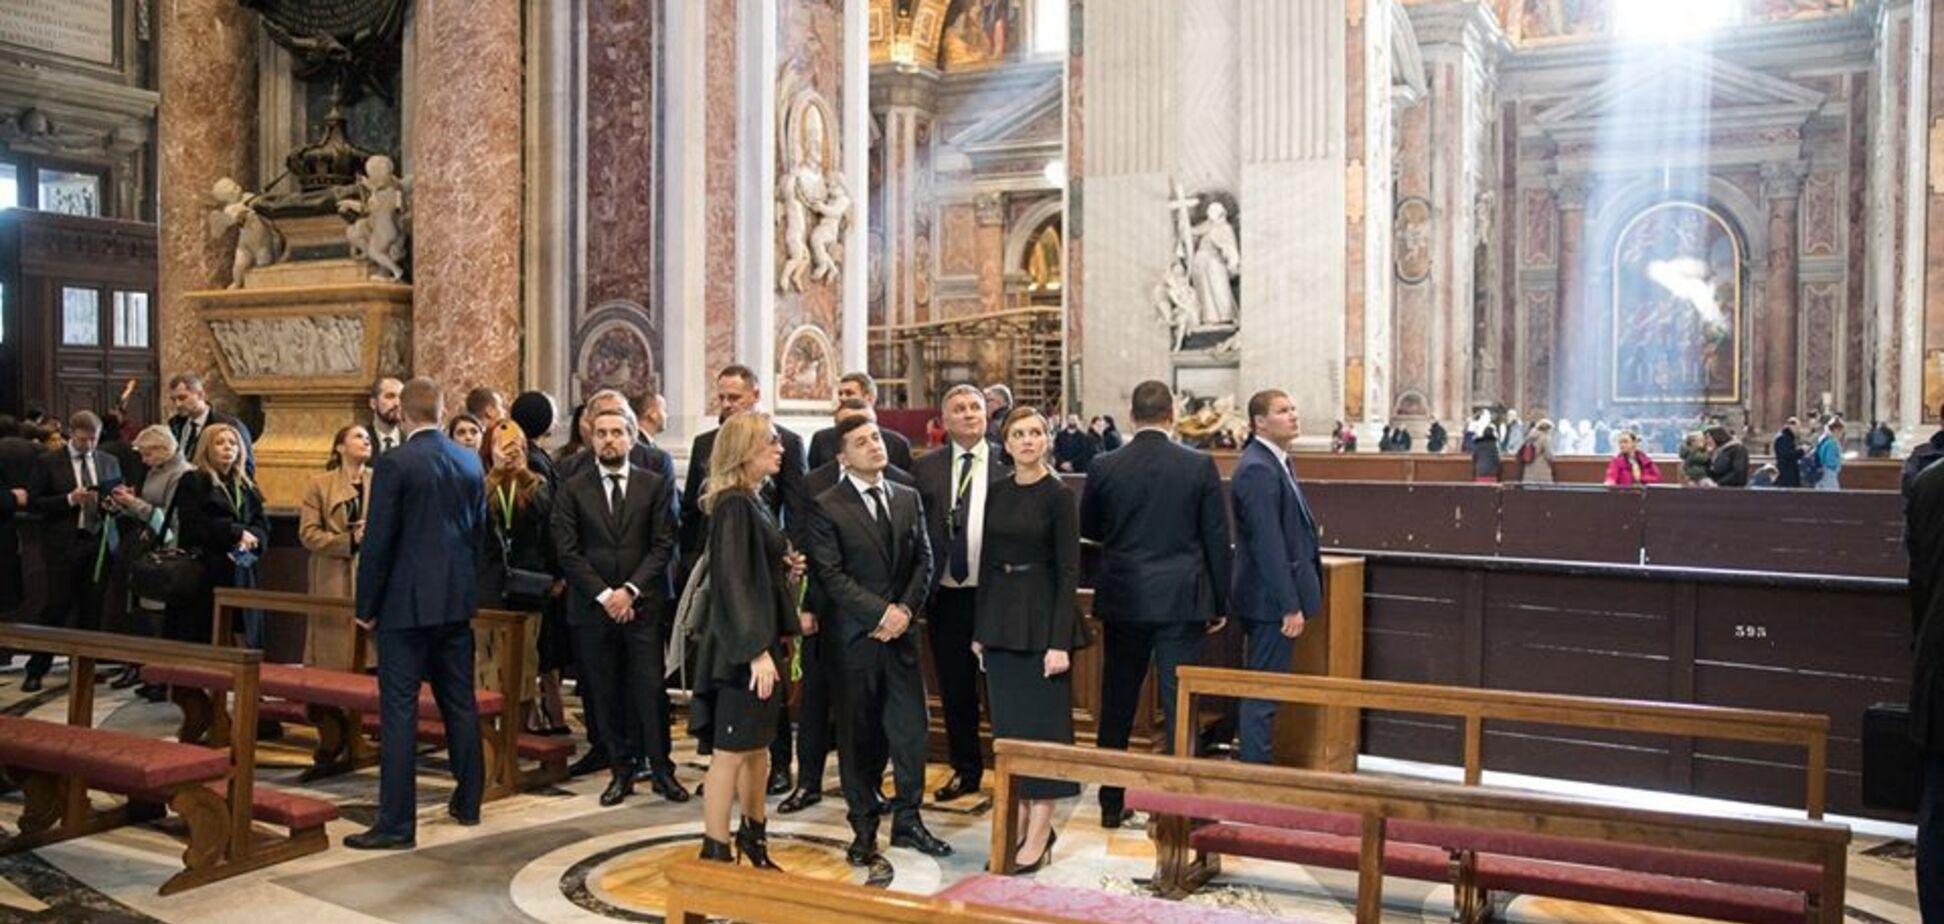 'Завидуйте молча!' Елена Зеленская восхитила сеть строгим нарядом в Ватикане